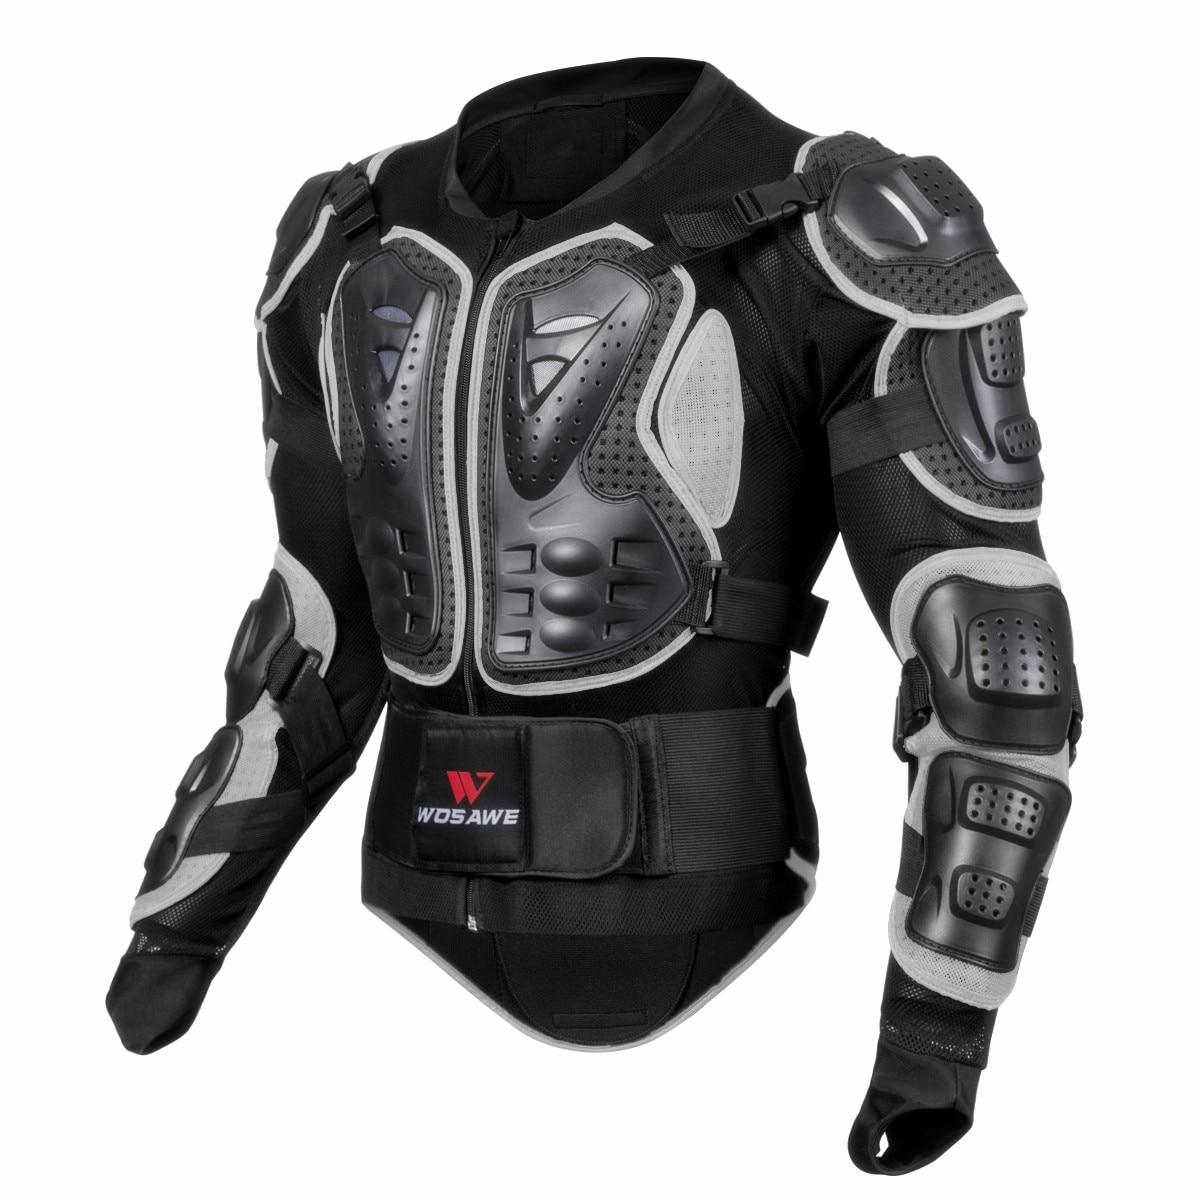 WOSAWE Waterproof Motorcycle Armor Jacket Off-road Motocross Jacket Racing Riding Motorbike Protector Gear Racing Guards Adult enlarge